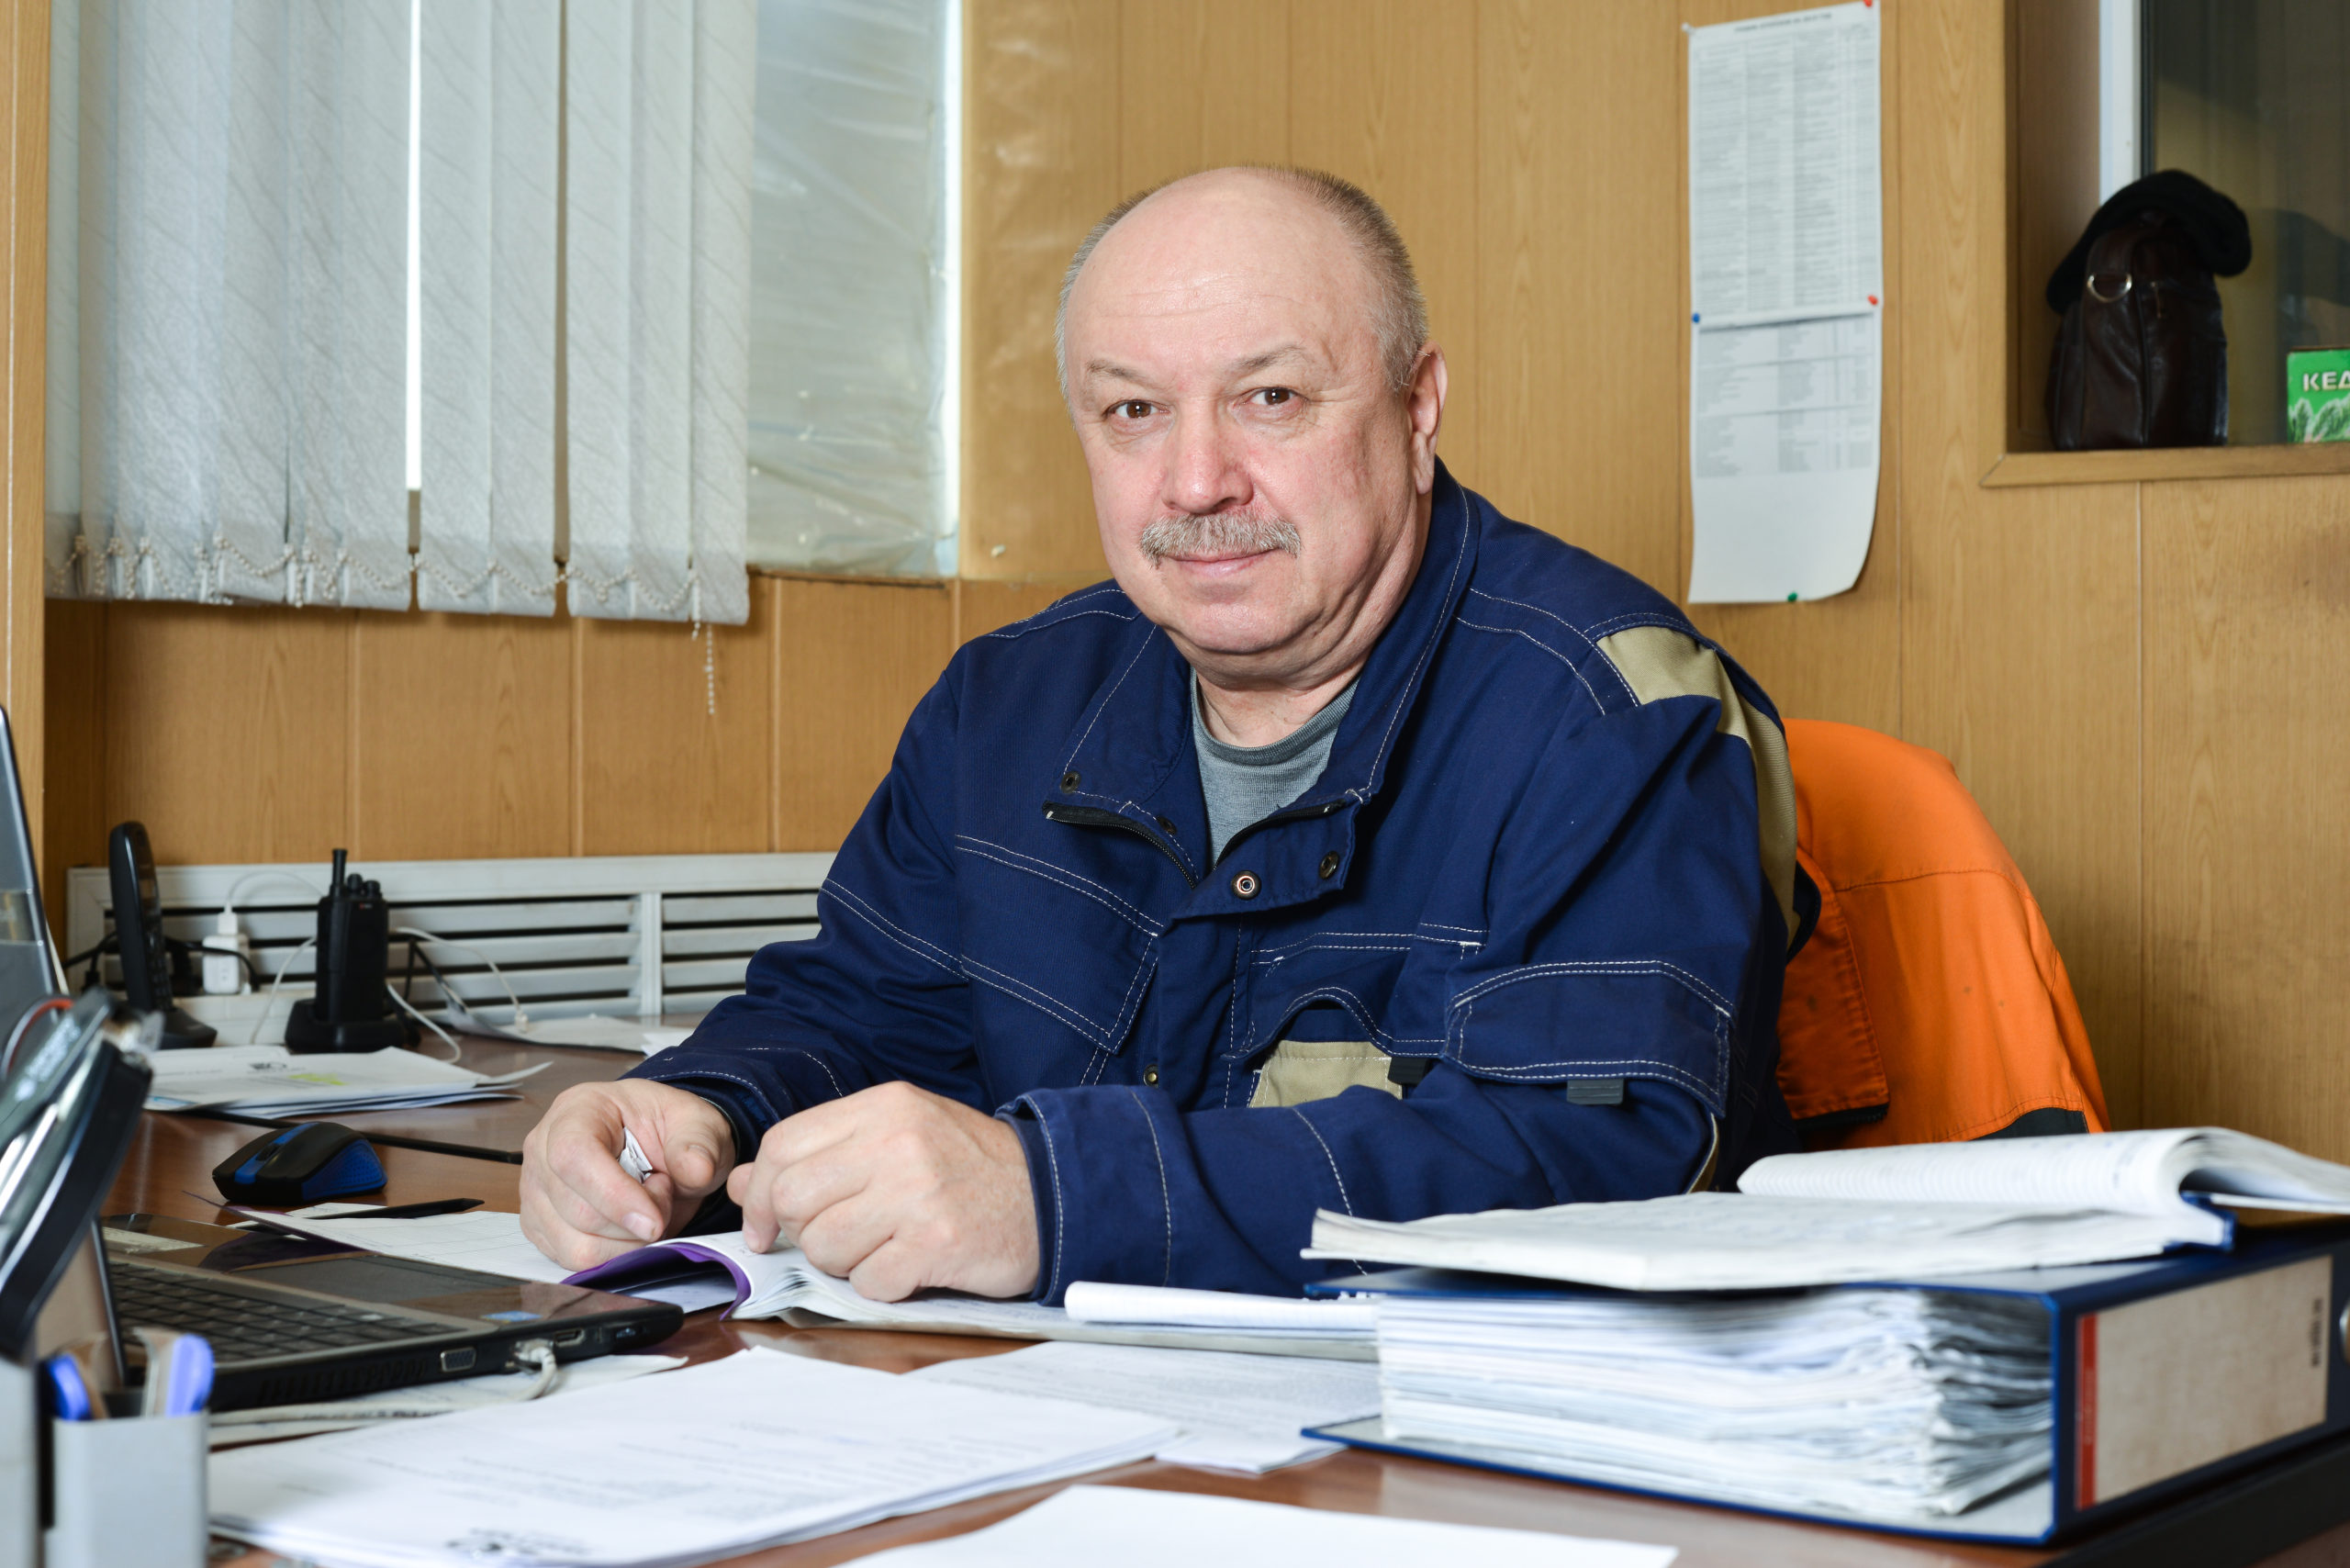 Кузьминых Василий Иванович (Начальник заготовительного производства)